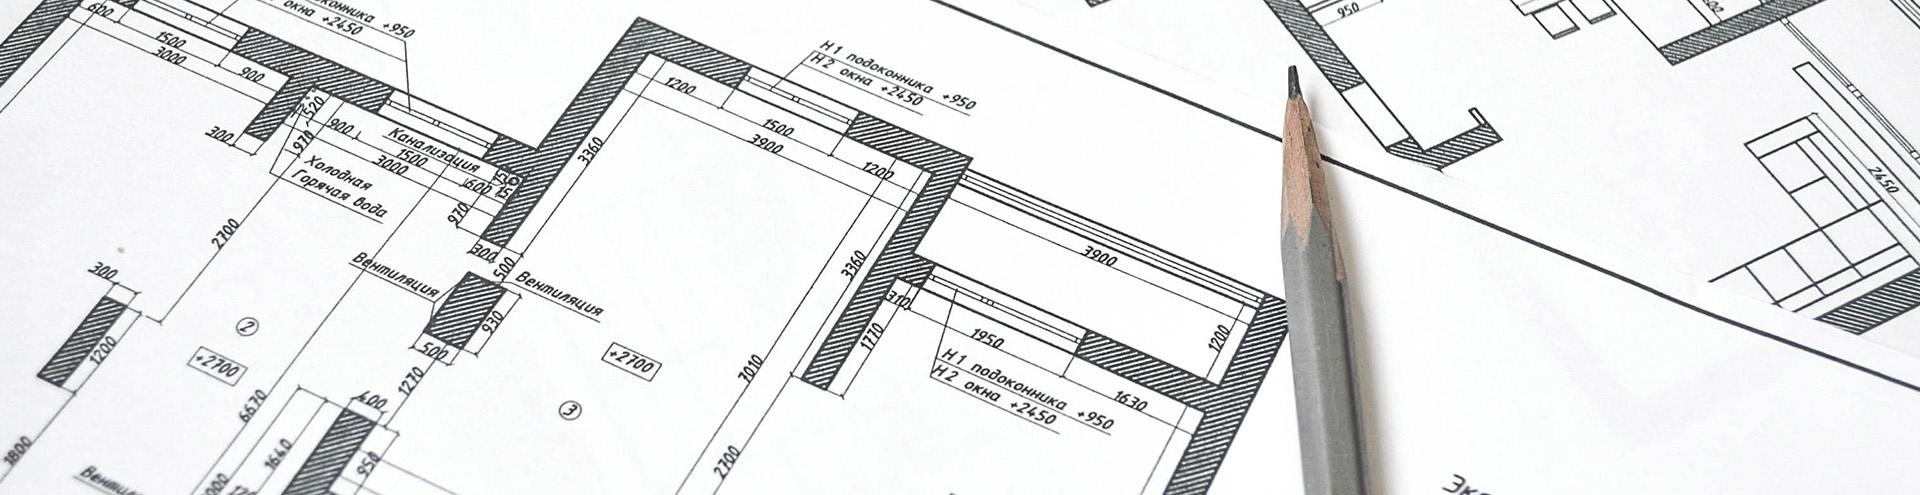 согласование перепланировки нежилого помещения в Липецке